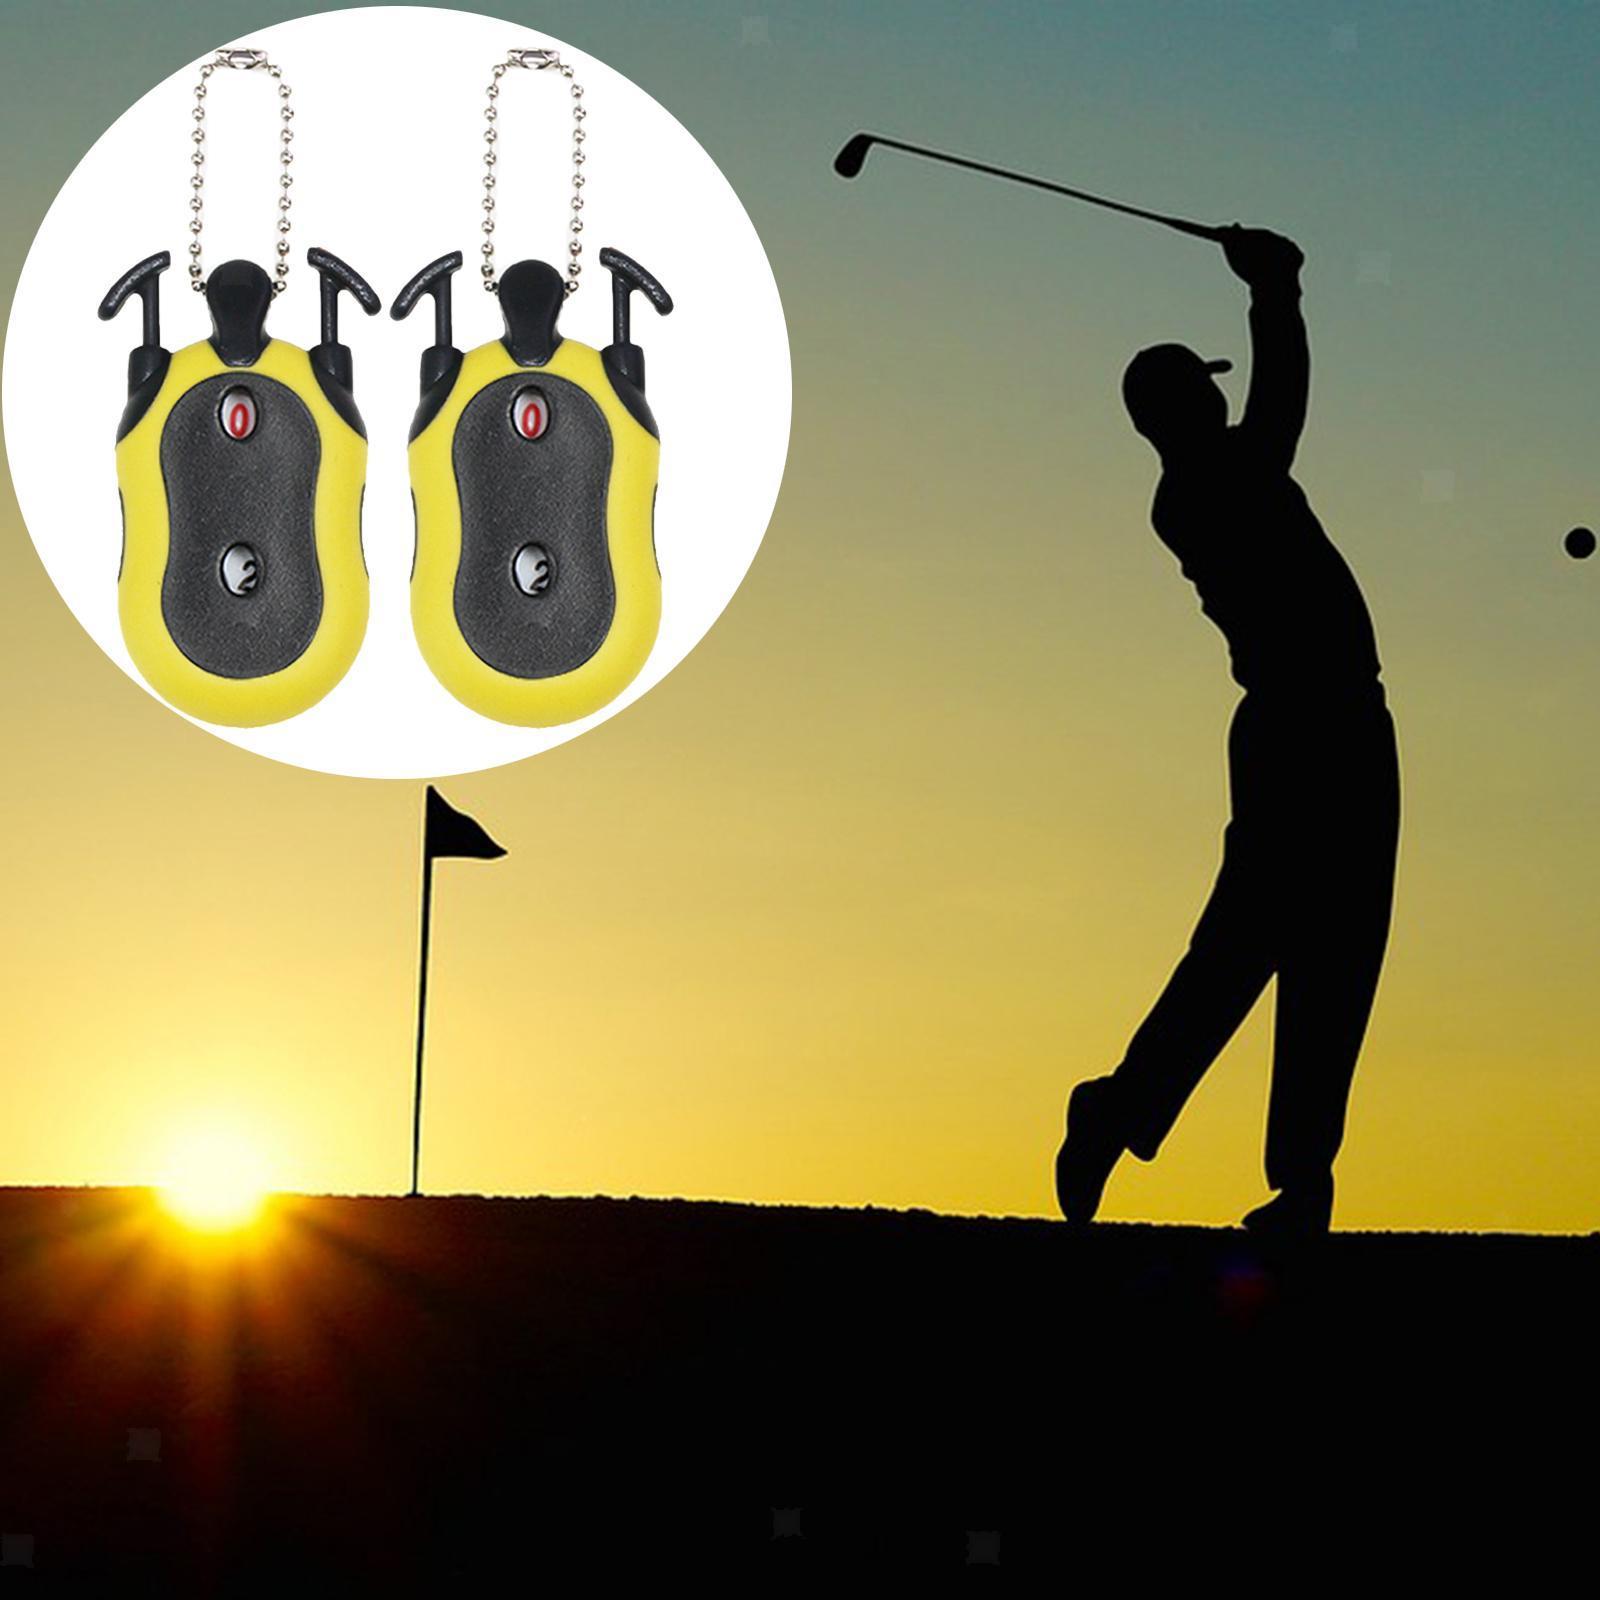 Indexbild 30 - 2 Stück Golf Score Zähler 2-in-1 Double Dial Stroke Putt Scorer mit